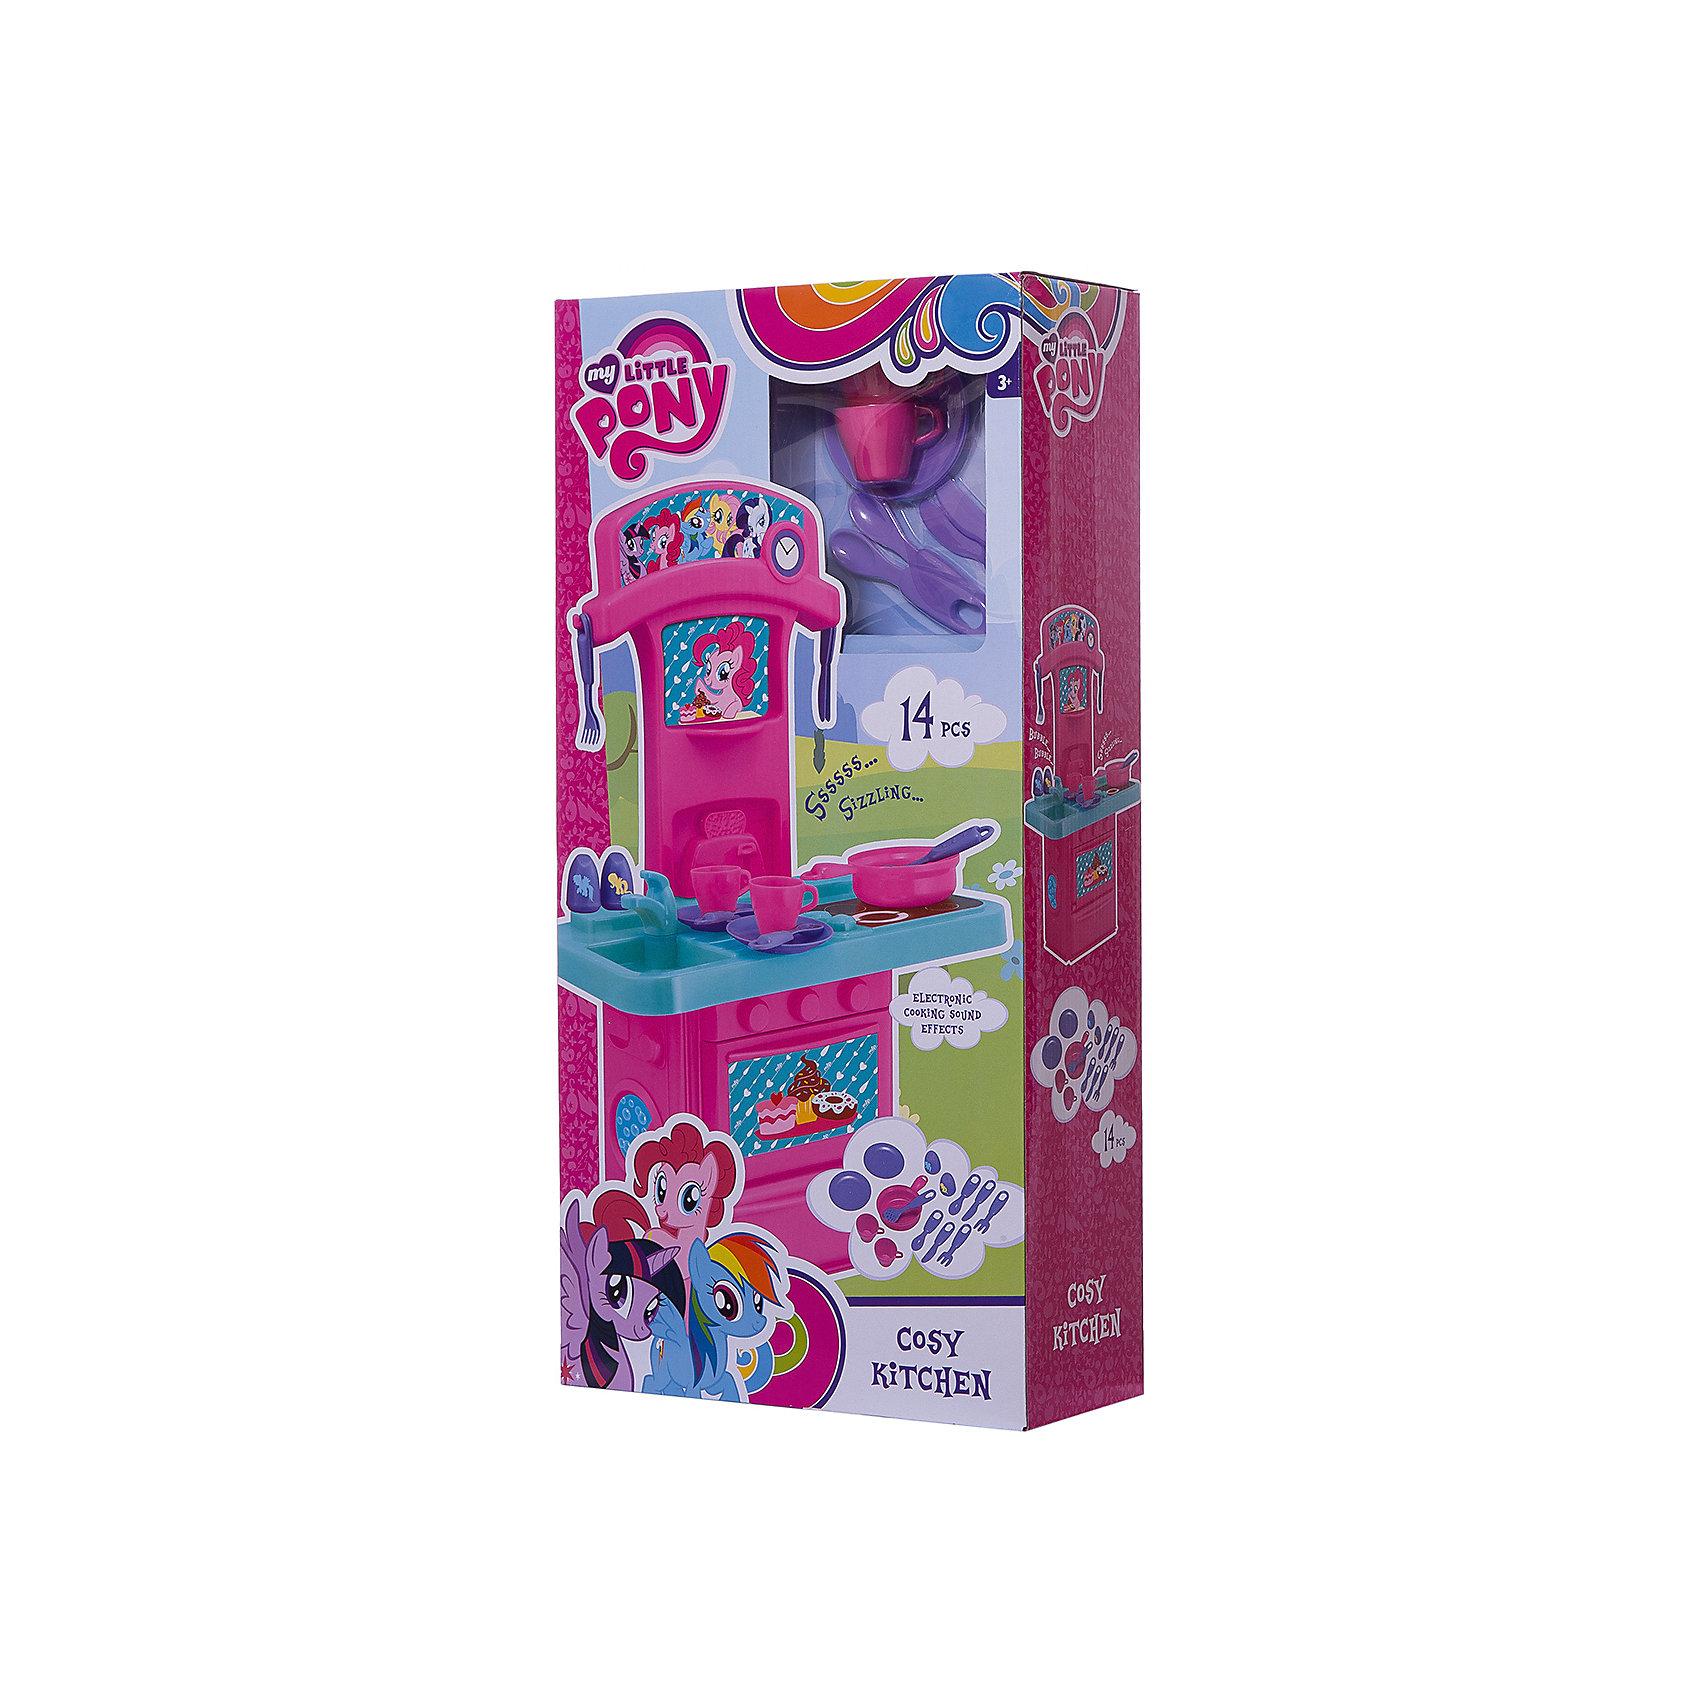 Мини-кухня My Little Pony, HTIМини-кухня My Little Pony (Май литл Пони), HTI.<br><br>Характеристика: <br><br>• Материал: пластик. <br>• Размер: 47x12х28 см. <br>• Высота игрушки: 60 см. <br>• Комплектация: кухня с мойкой и плитой, 2 чашки, кастрюля, вилка, ложка, солонка, перечница и другие аксессуары (всего 14 шт). <br>• Дверцы шкафа открываются. <br>• Яркий привлекательный дизайн. <br>• Звуковые и световые эффекты. <br>• Элемент питания: 2 ААА батарейки (не входят в комплект). <br>• Оформлена изображениями героинь My Little Pony (Моя маленькая Пони). <br><br>Яркая кухня, выполненная в стилистике My Little Pony и украшенная изображениями любимых героинь, приведет в восторг любую девочку! В наборе есть все, чтобы осчастливить и заинтересовать вашу юную хозяйку. Мойка, плита, открывающиеся дверцы, посуда и аксессуары сделают игры еще увлекательнее и интереснее! Все детали набора выполнены из высококачественного пластика, в производстве которого использованы только нетоксичные качественные красители. <br><br>Мини-кухню My Little Pony (Май литл Пони), HTI, можно купить в нашем интернет-магазине.<br><br>Ширина мм: 575<br>Глубина мм: 286<br>Высота мм: 122<br>Вес г: 1200<br>Возраст от месяцев: 36<br>Возраст до месяцев: 168<br>Пол: Женский<br>Возраст: Детский<br>SKU: 5366512